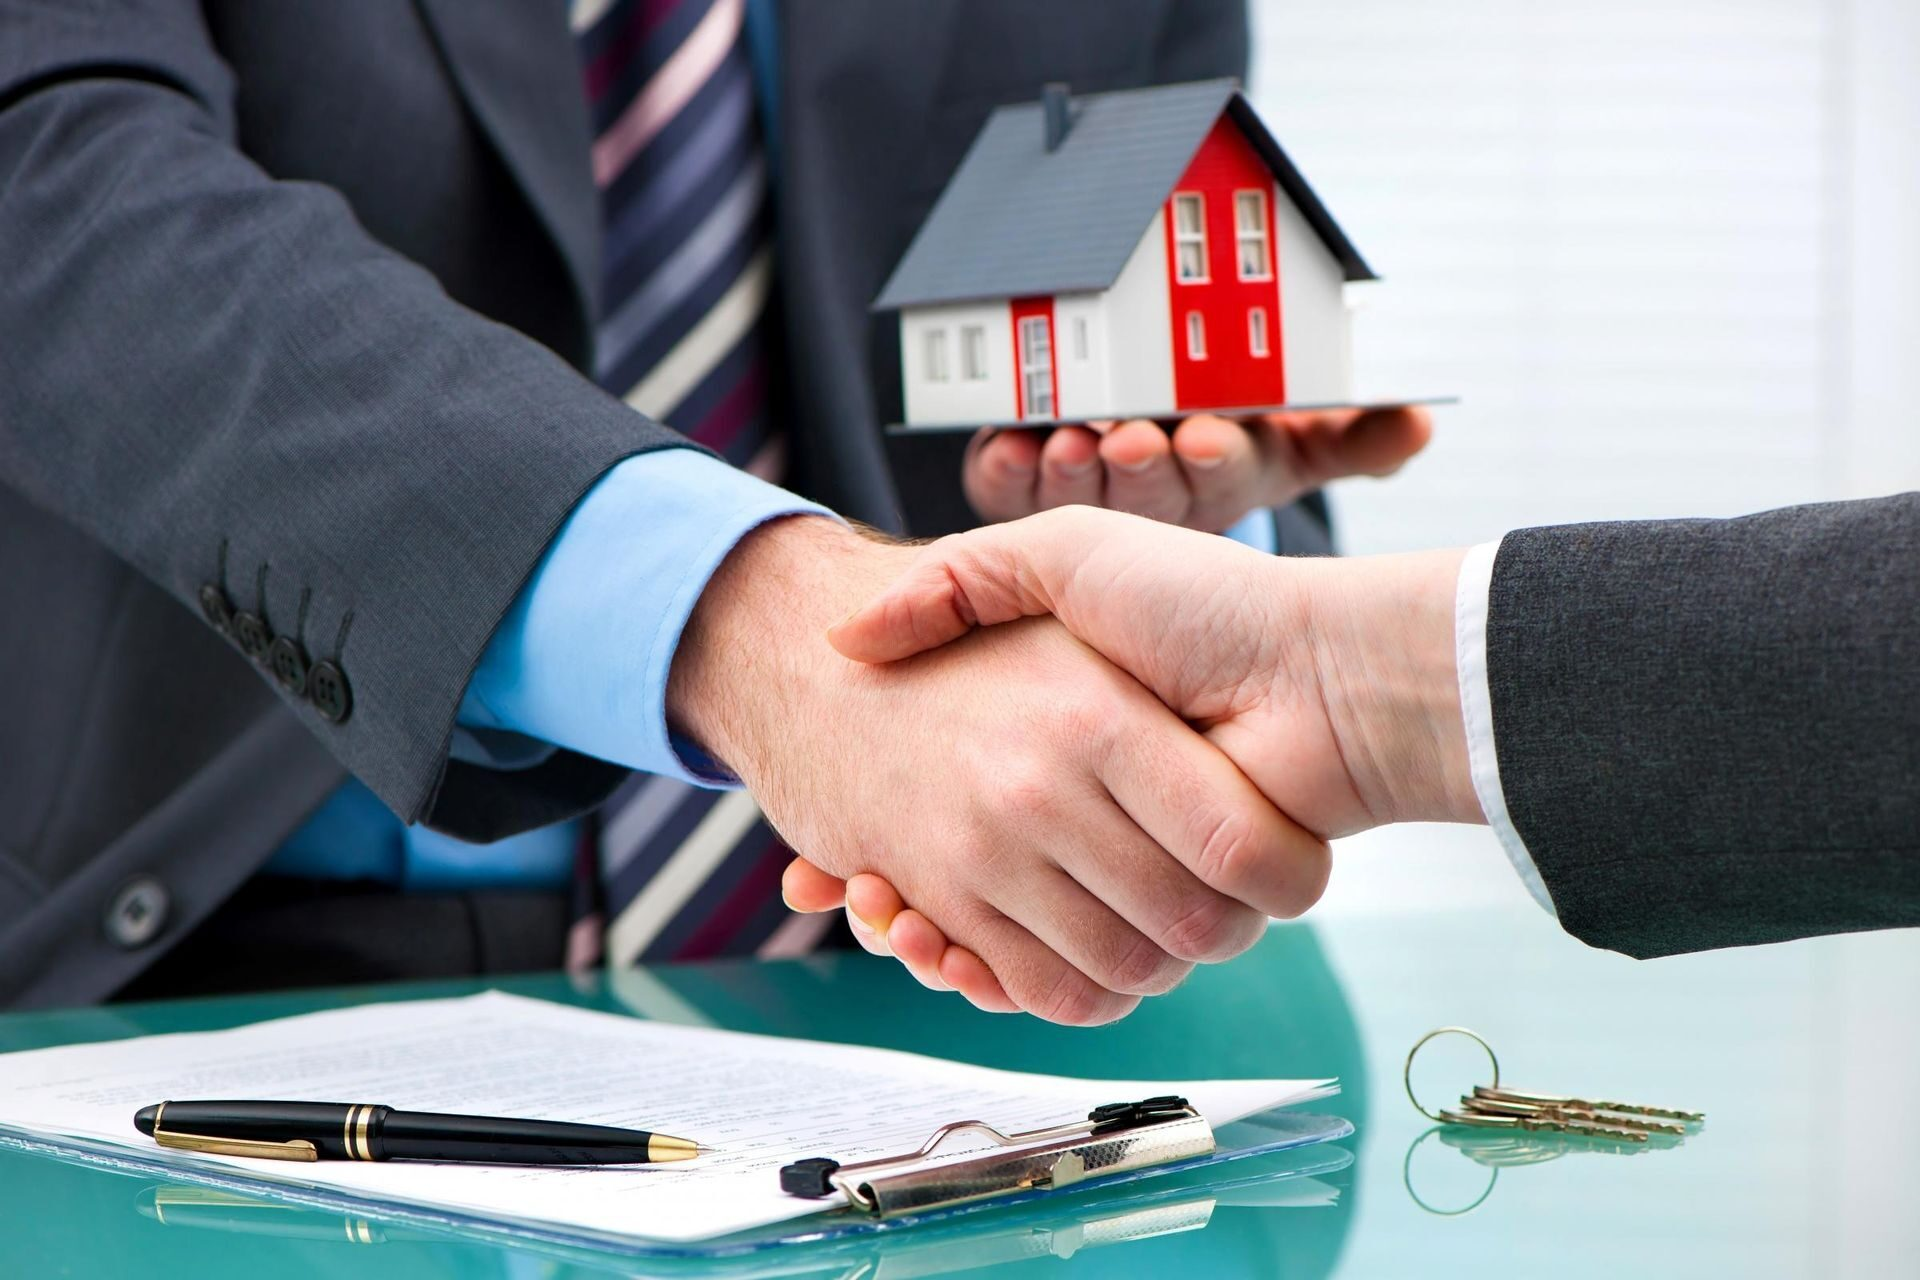 услуги по сопровождению сделок с недвижимостью цены однако